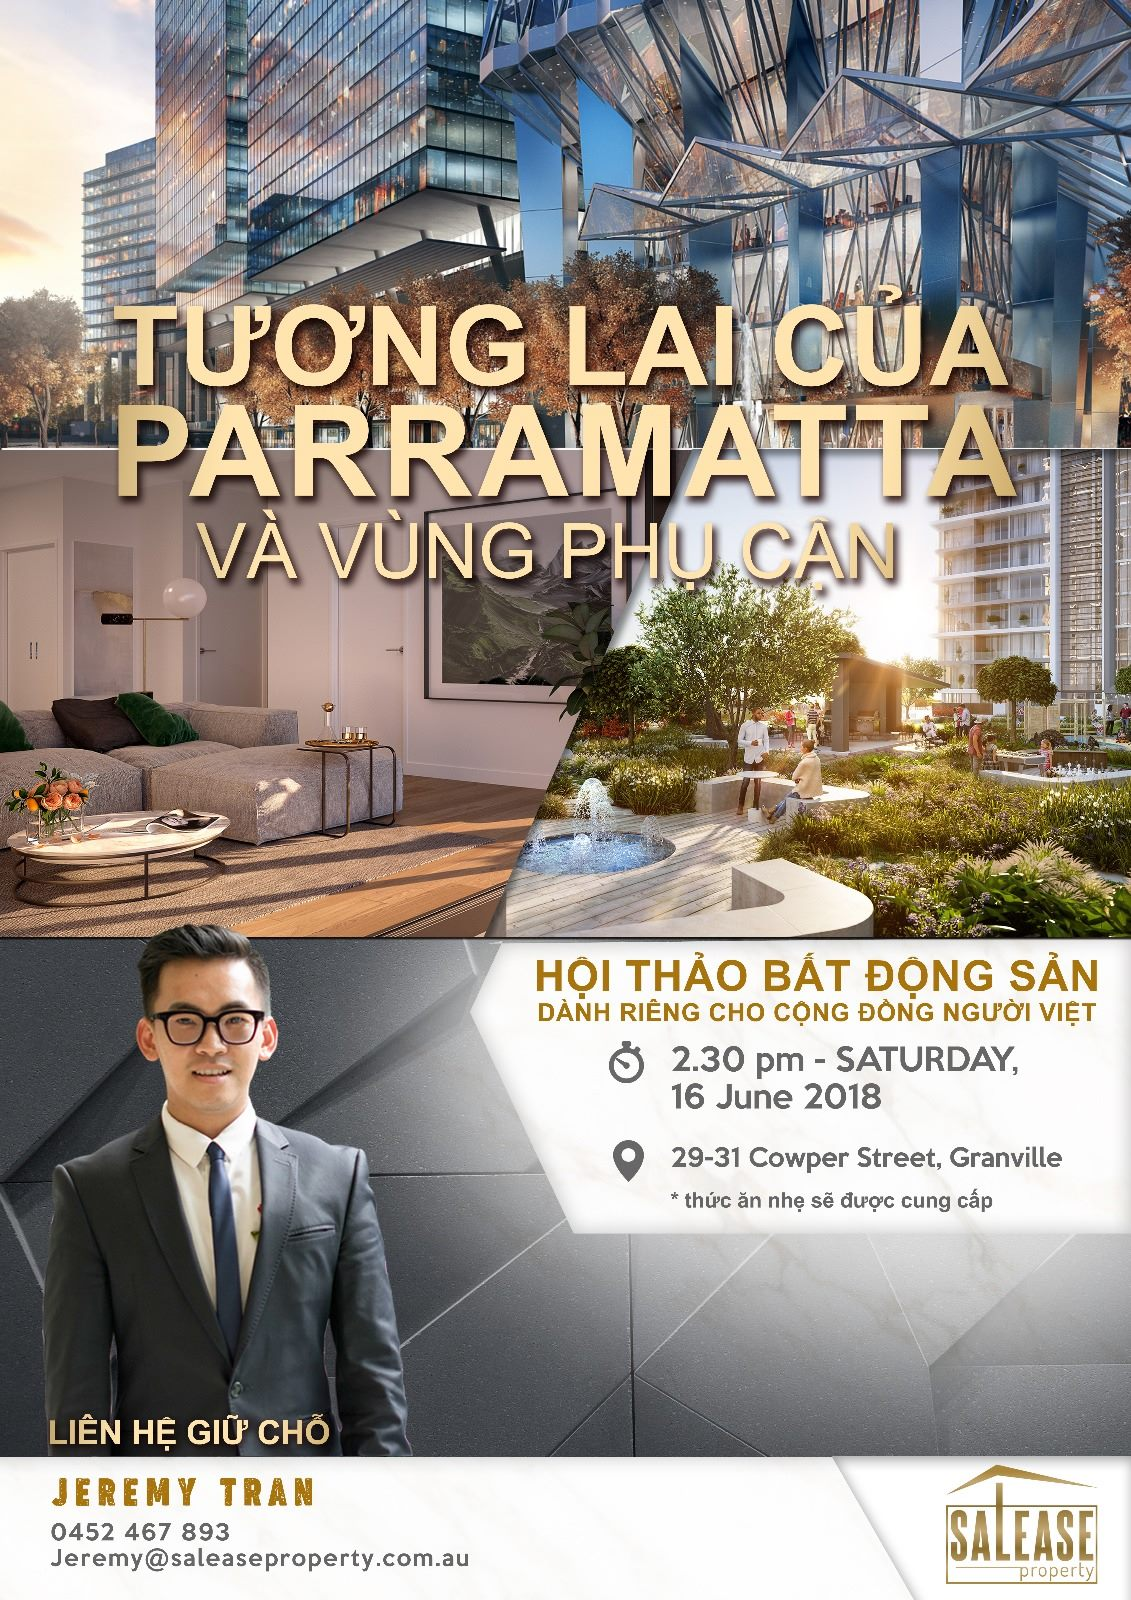 34091896 1844628912505873 2053731289386713088 o - Hội thảo bất động sản dành riêng cho người Việt tại Sydney lần 3